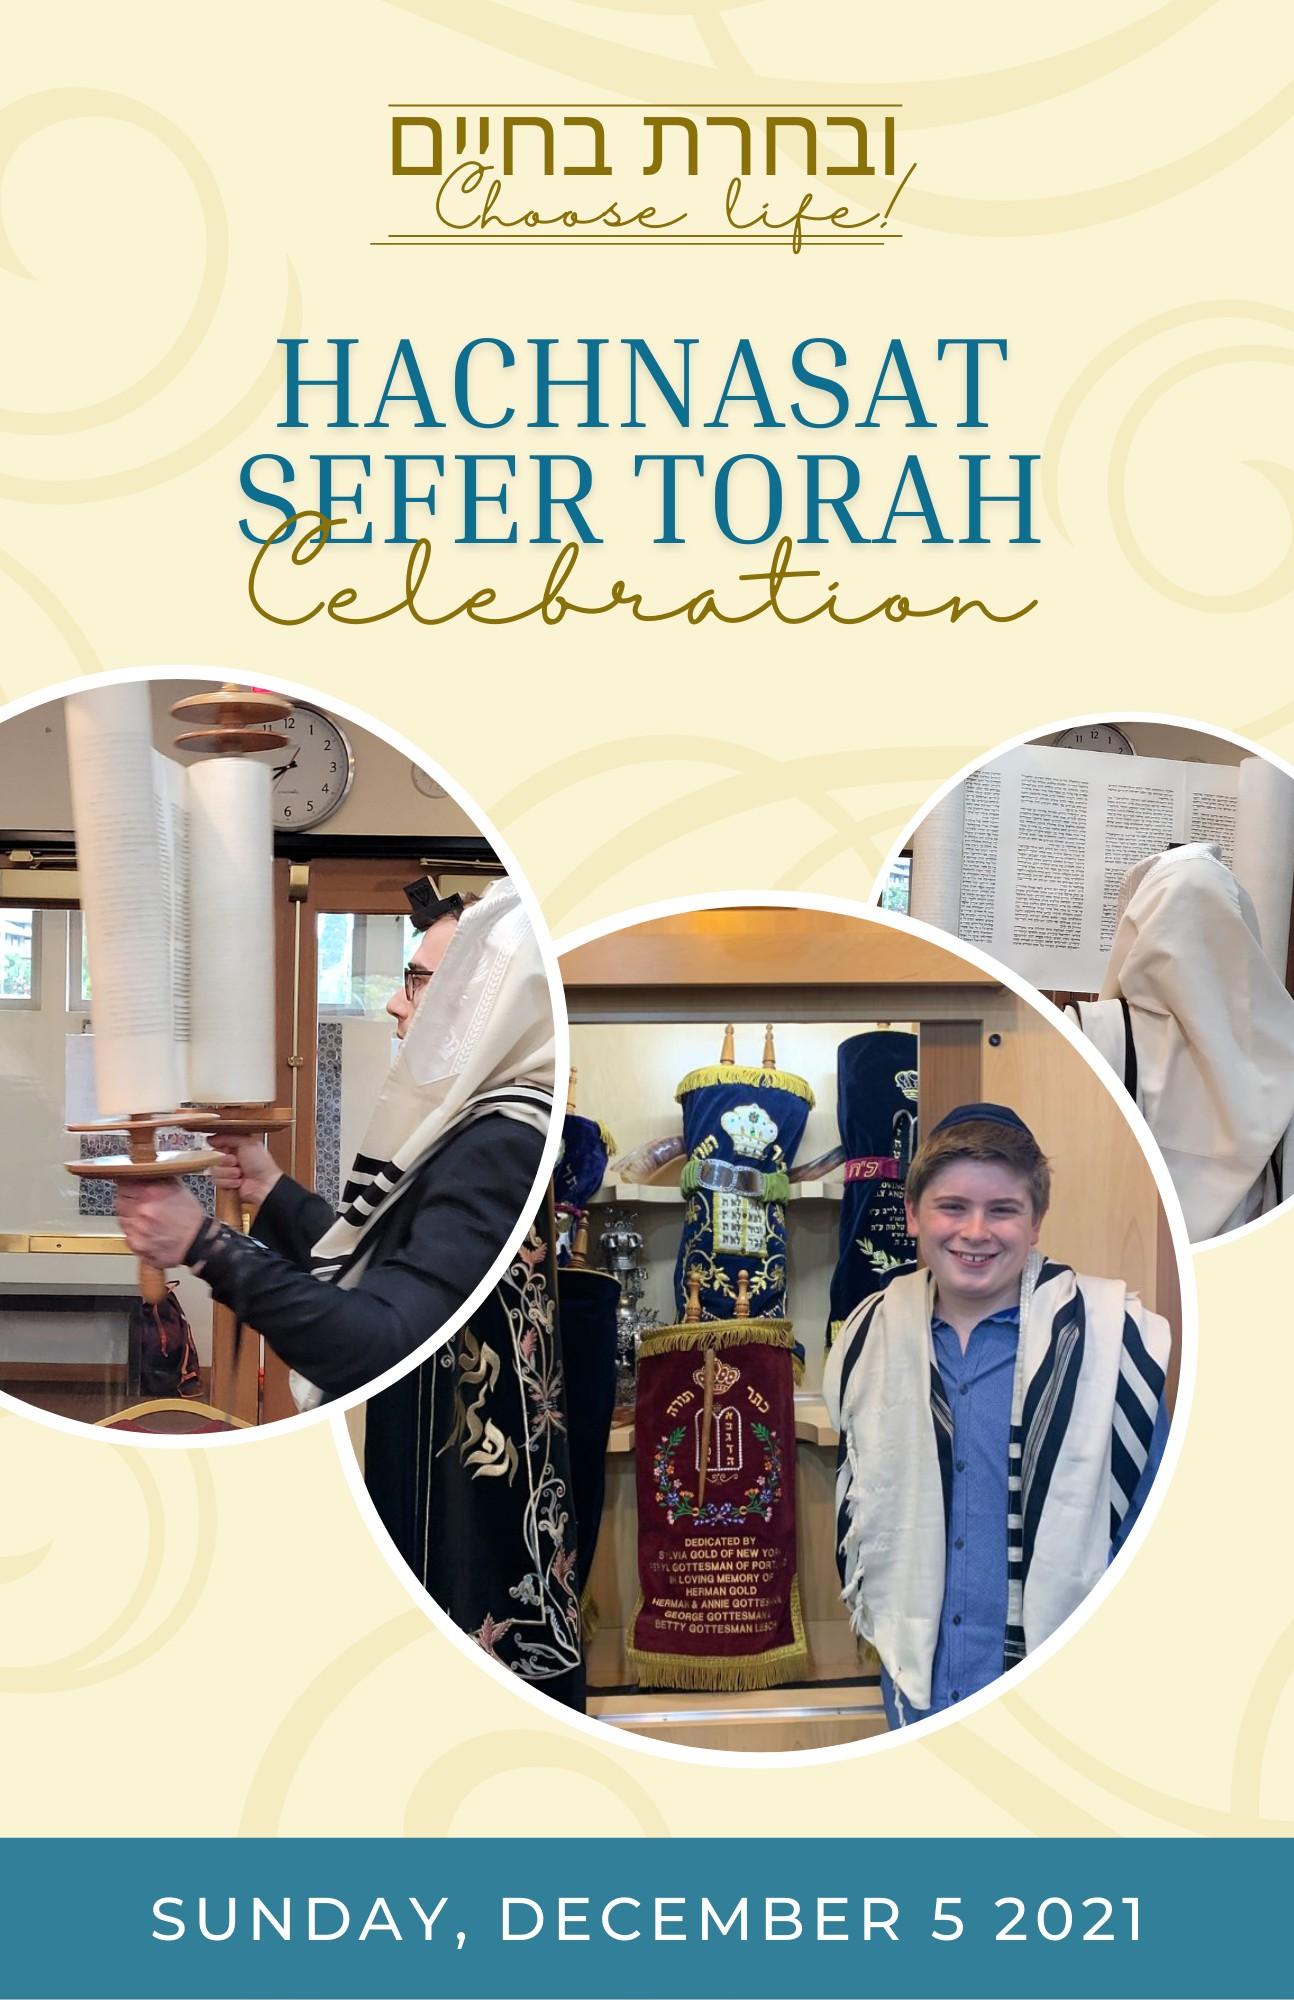 Banner Image for Hachnasat Sefer Torah Celebration